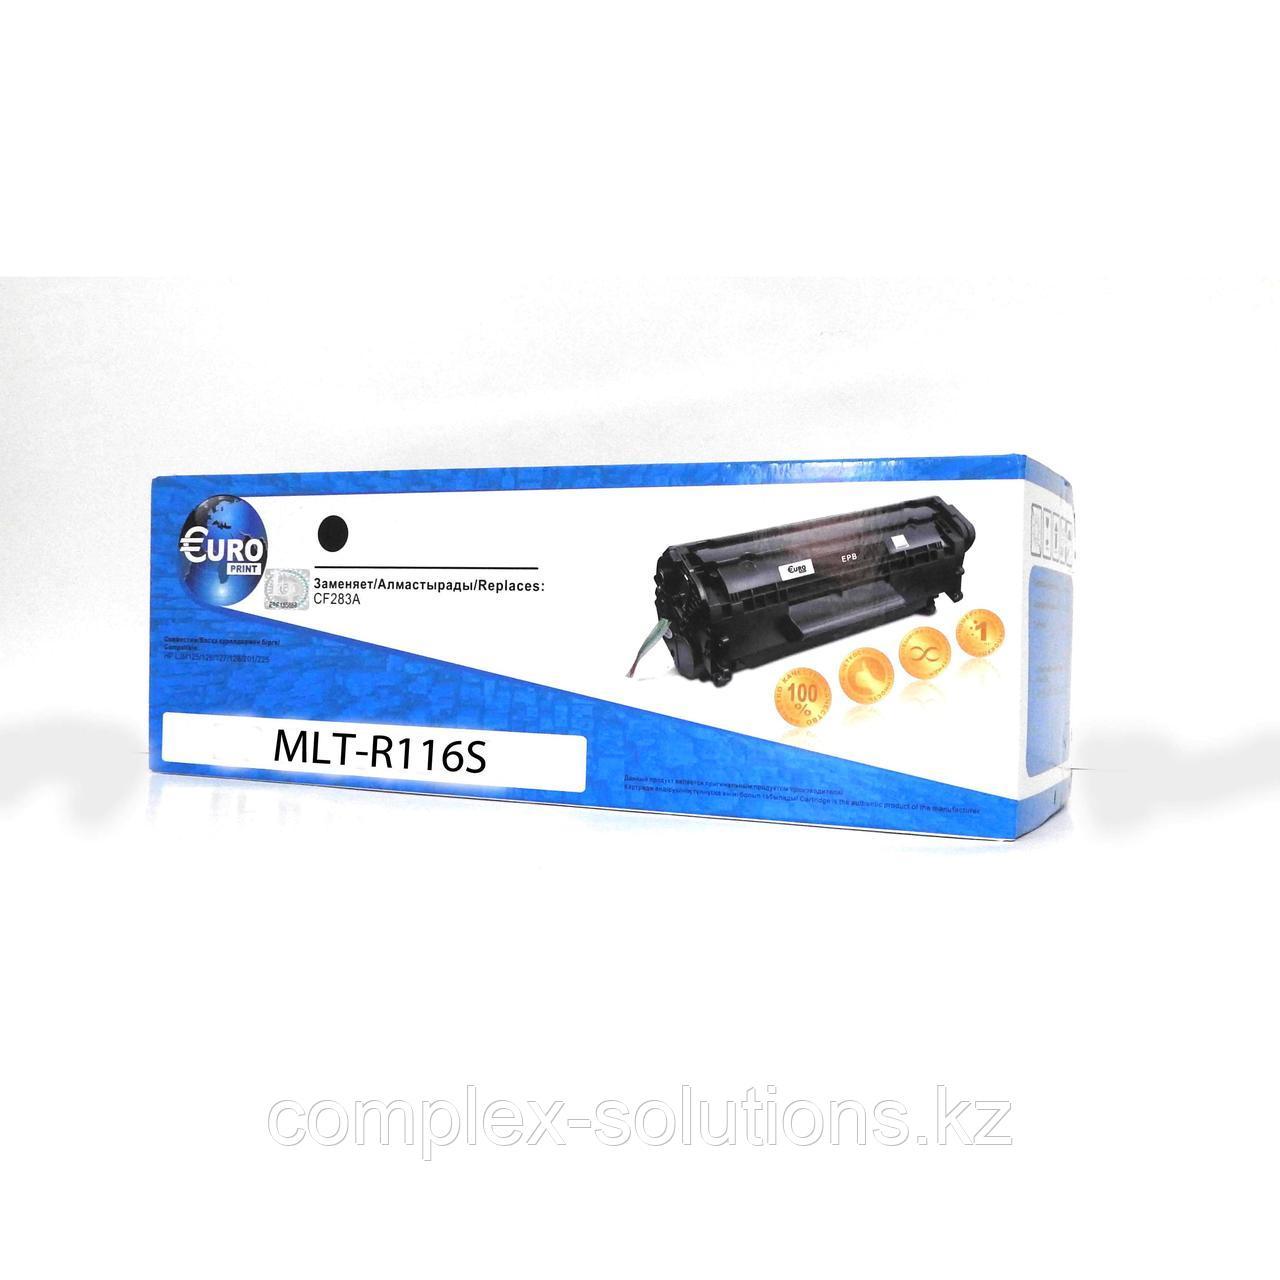 Картридж SAMSUNG MLT-R116 Drum | Драм картридж Euro Print | [качественный дубликат]